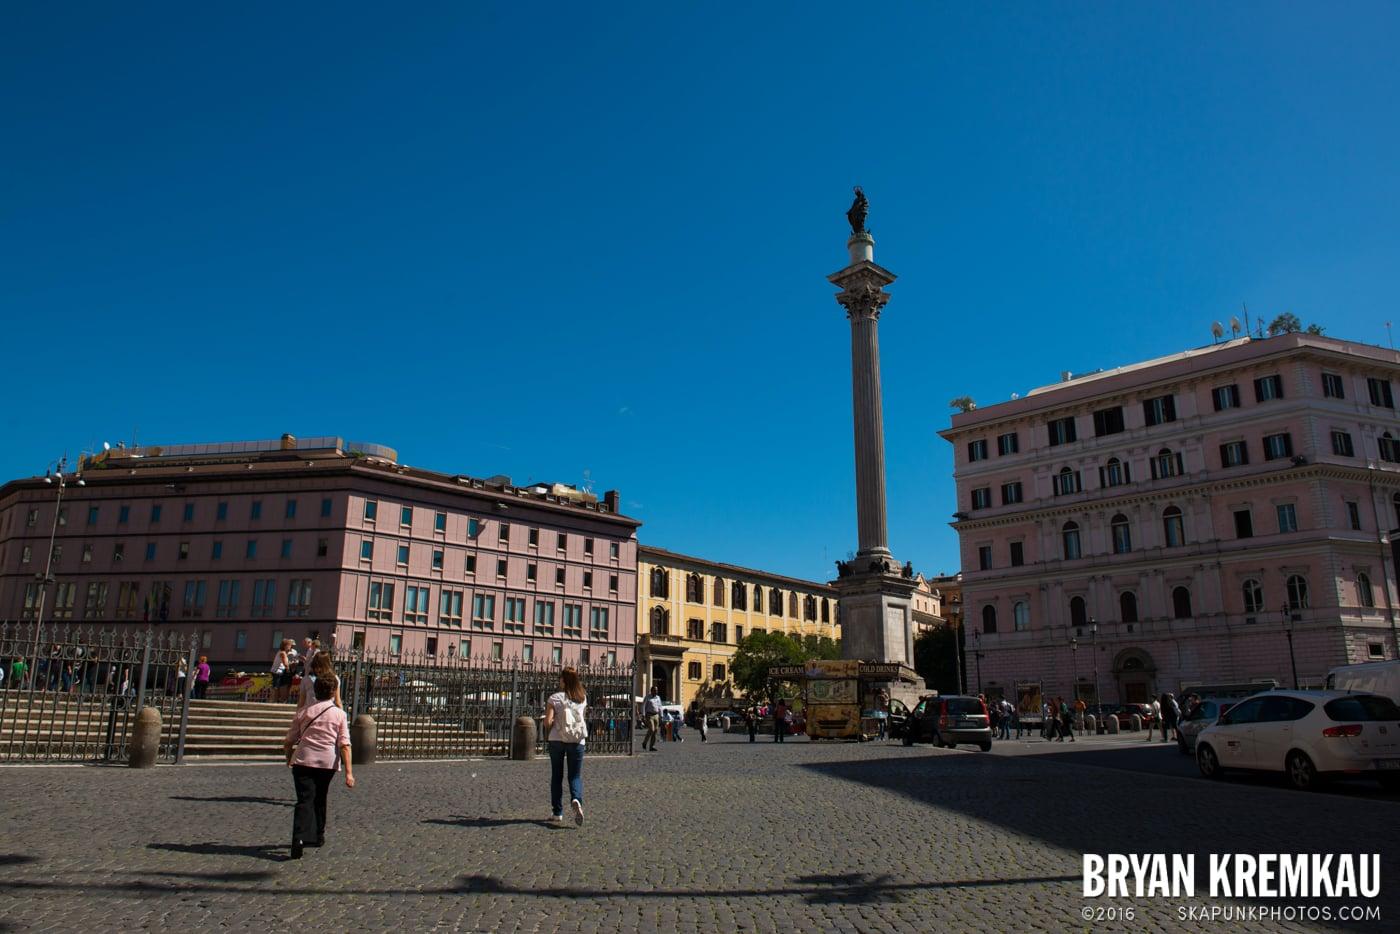 Italy Vacation - Day 12: Rome - 9.20.13 (48)